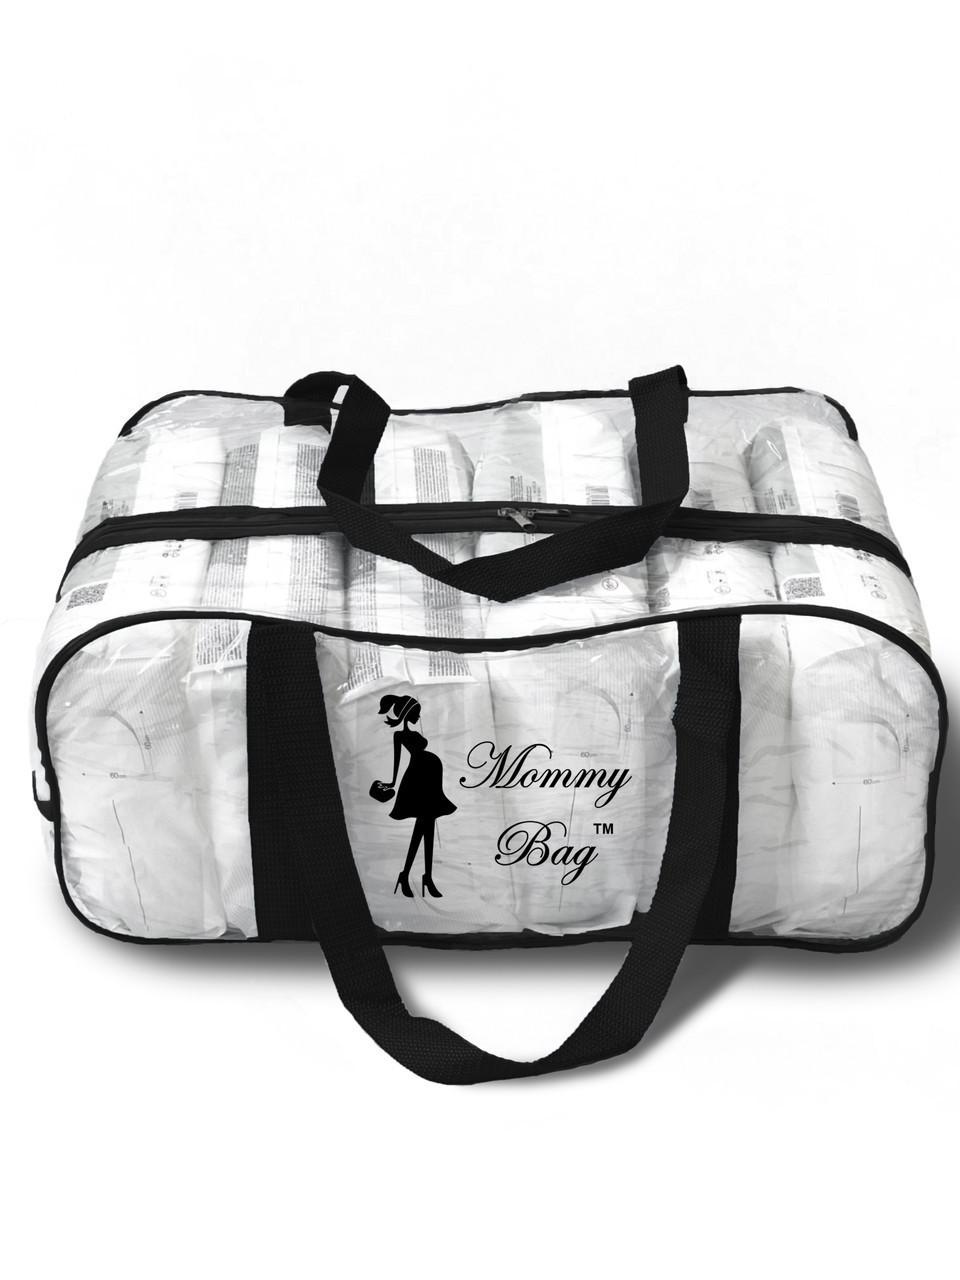 Сумка прозрачная в роддом Mommy Bag - L - 50*23*32 см Черная